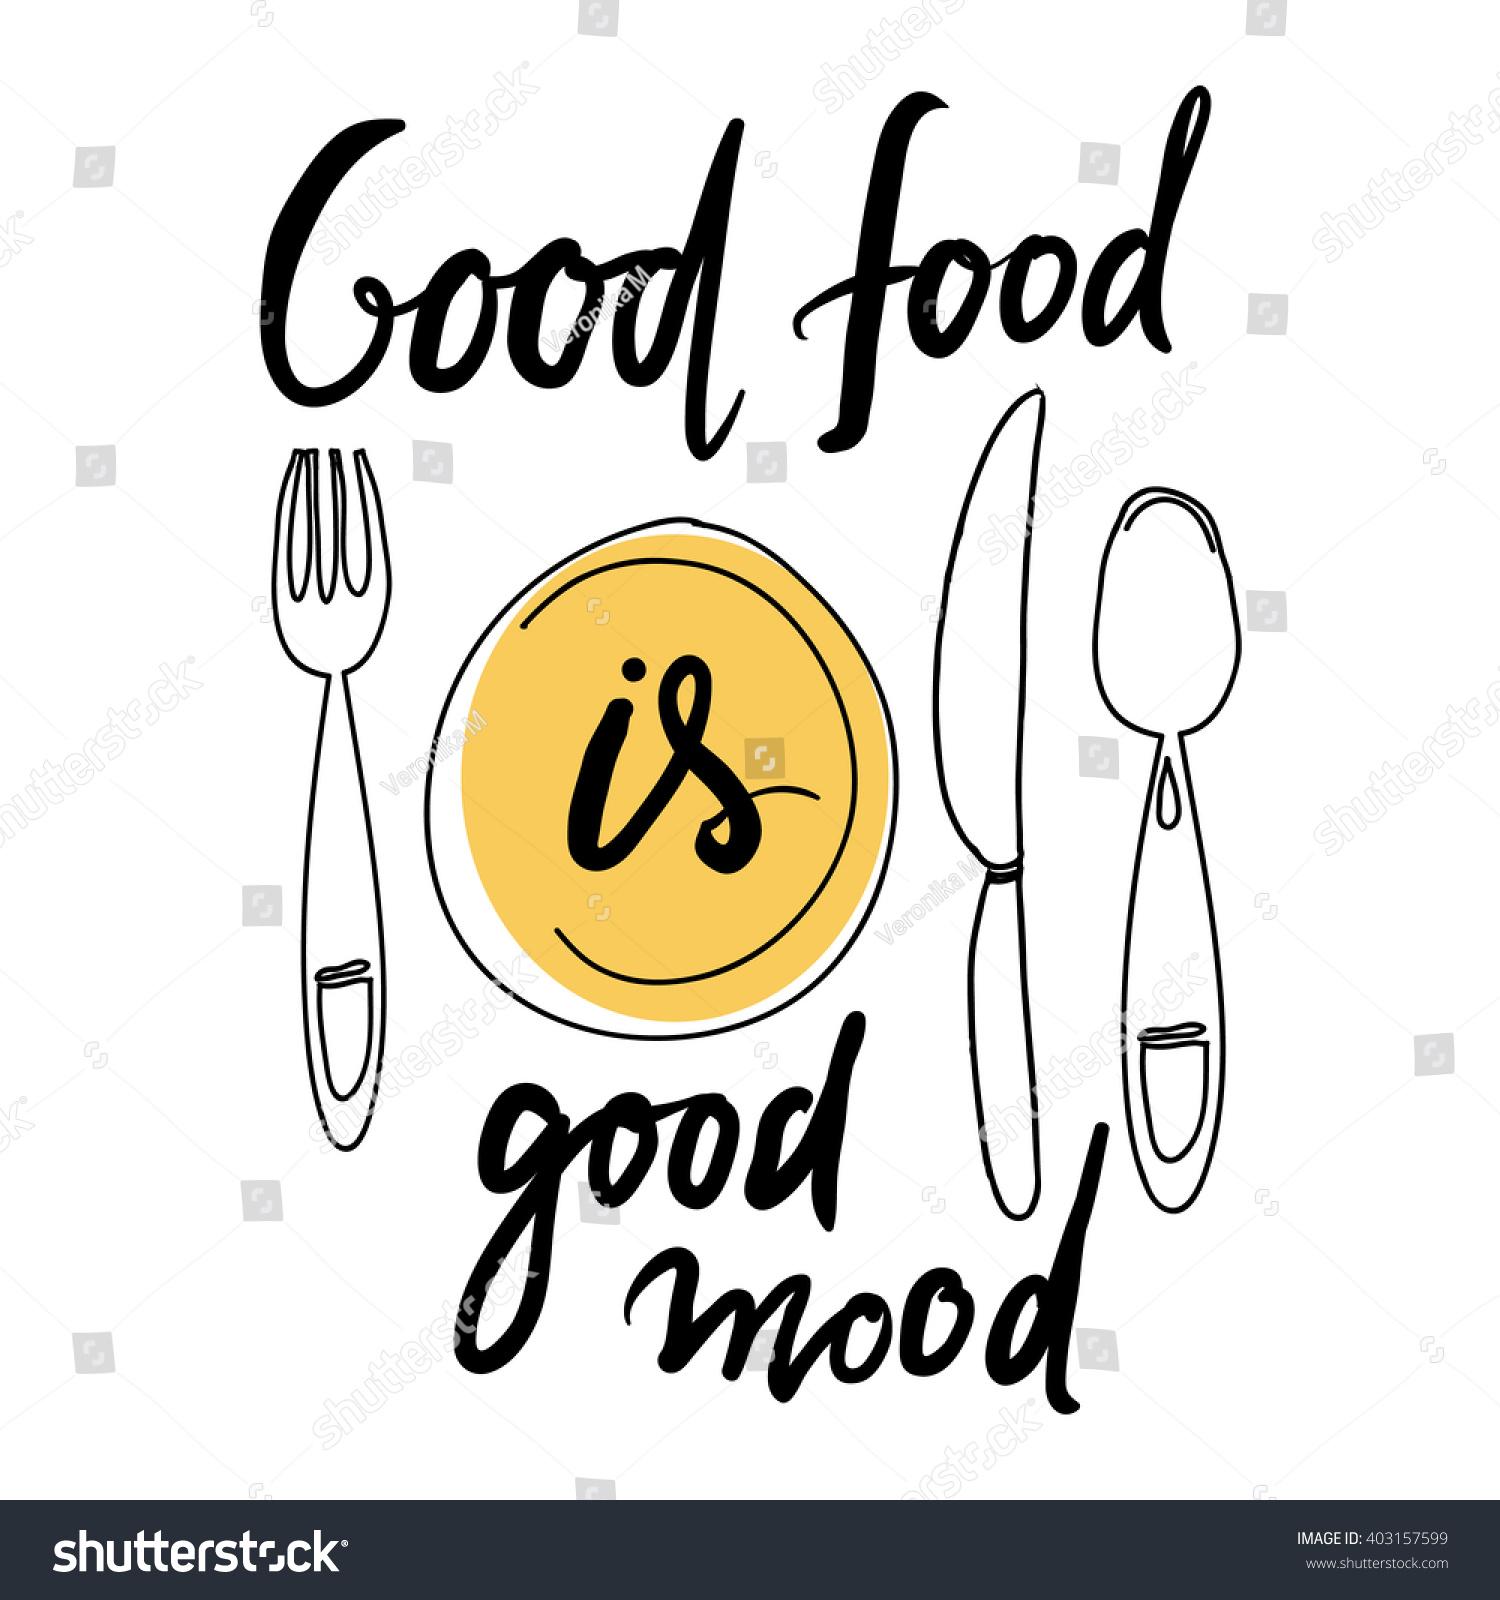 Good Mood Food Diet